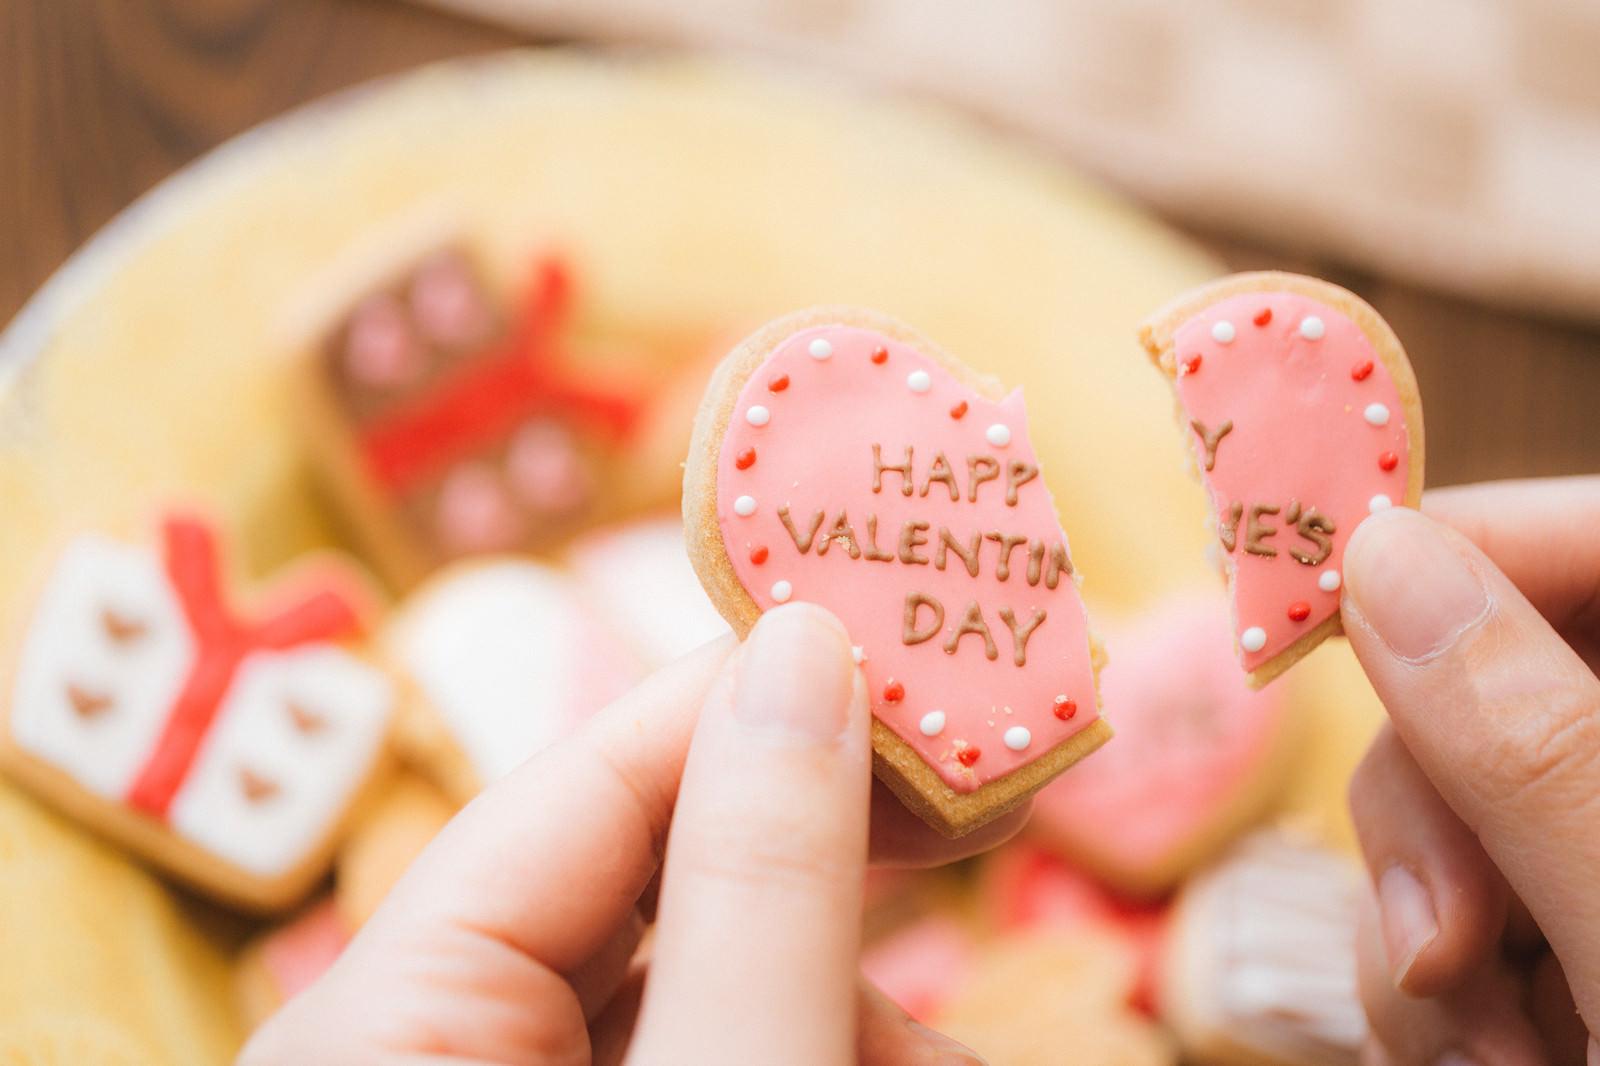 「恋叶わず破局のバレンタイン | 写真の無料素材・フリー素材 - ぱくたそ」の写真